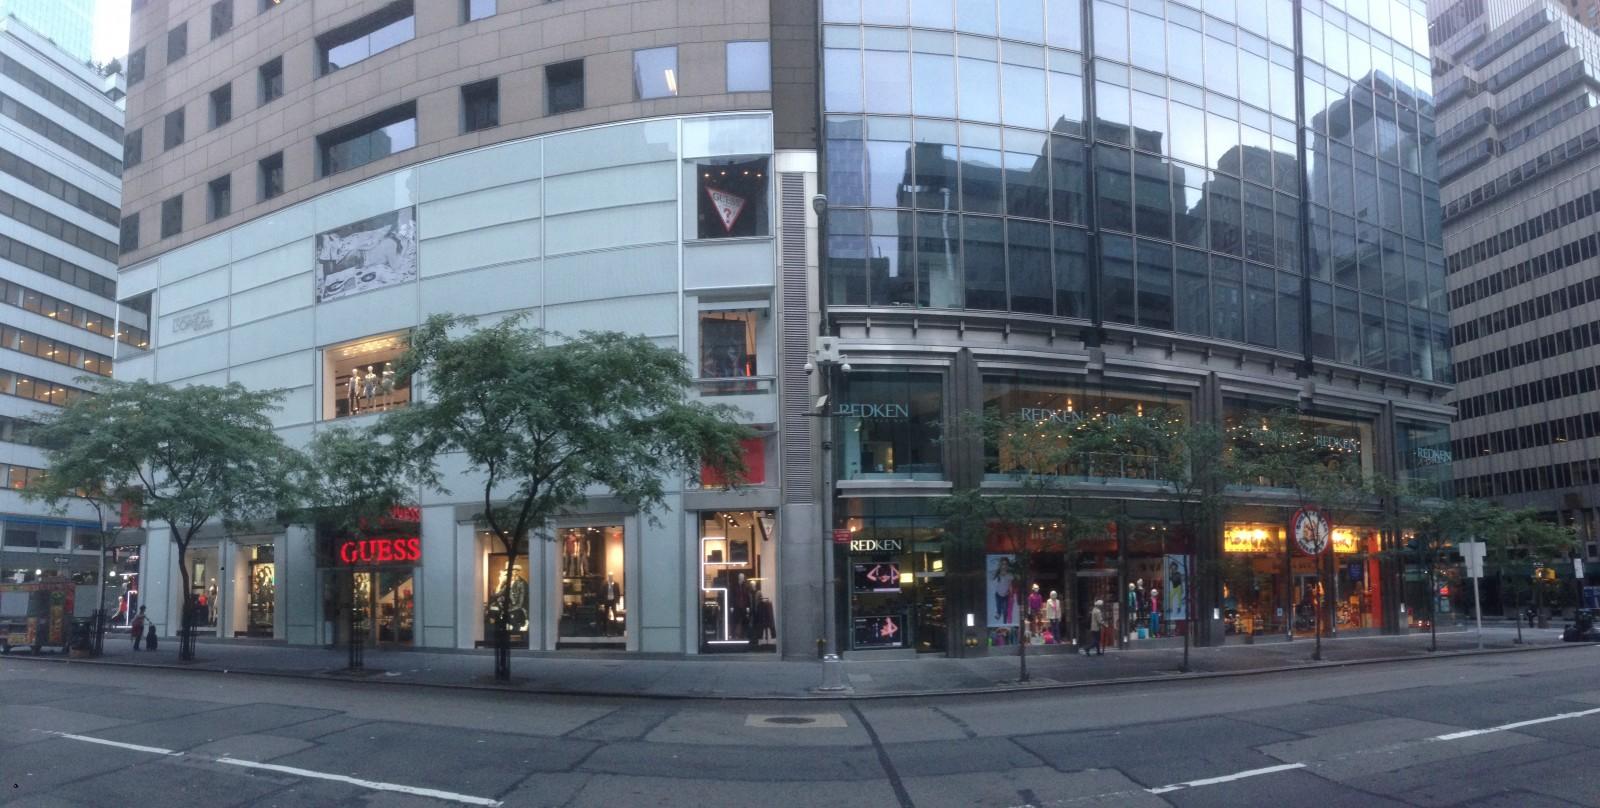 d8de4b989 Guess 575 5th Avenue New York